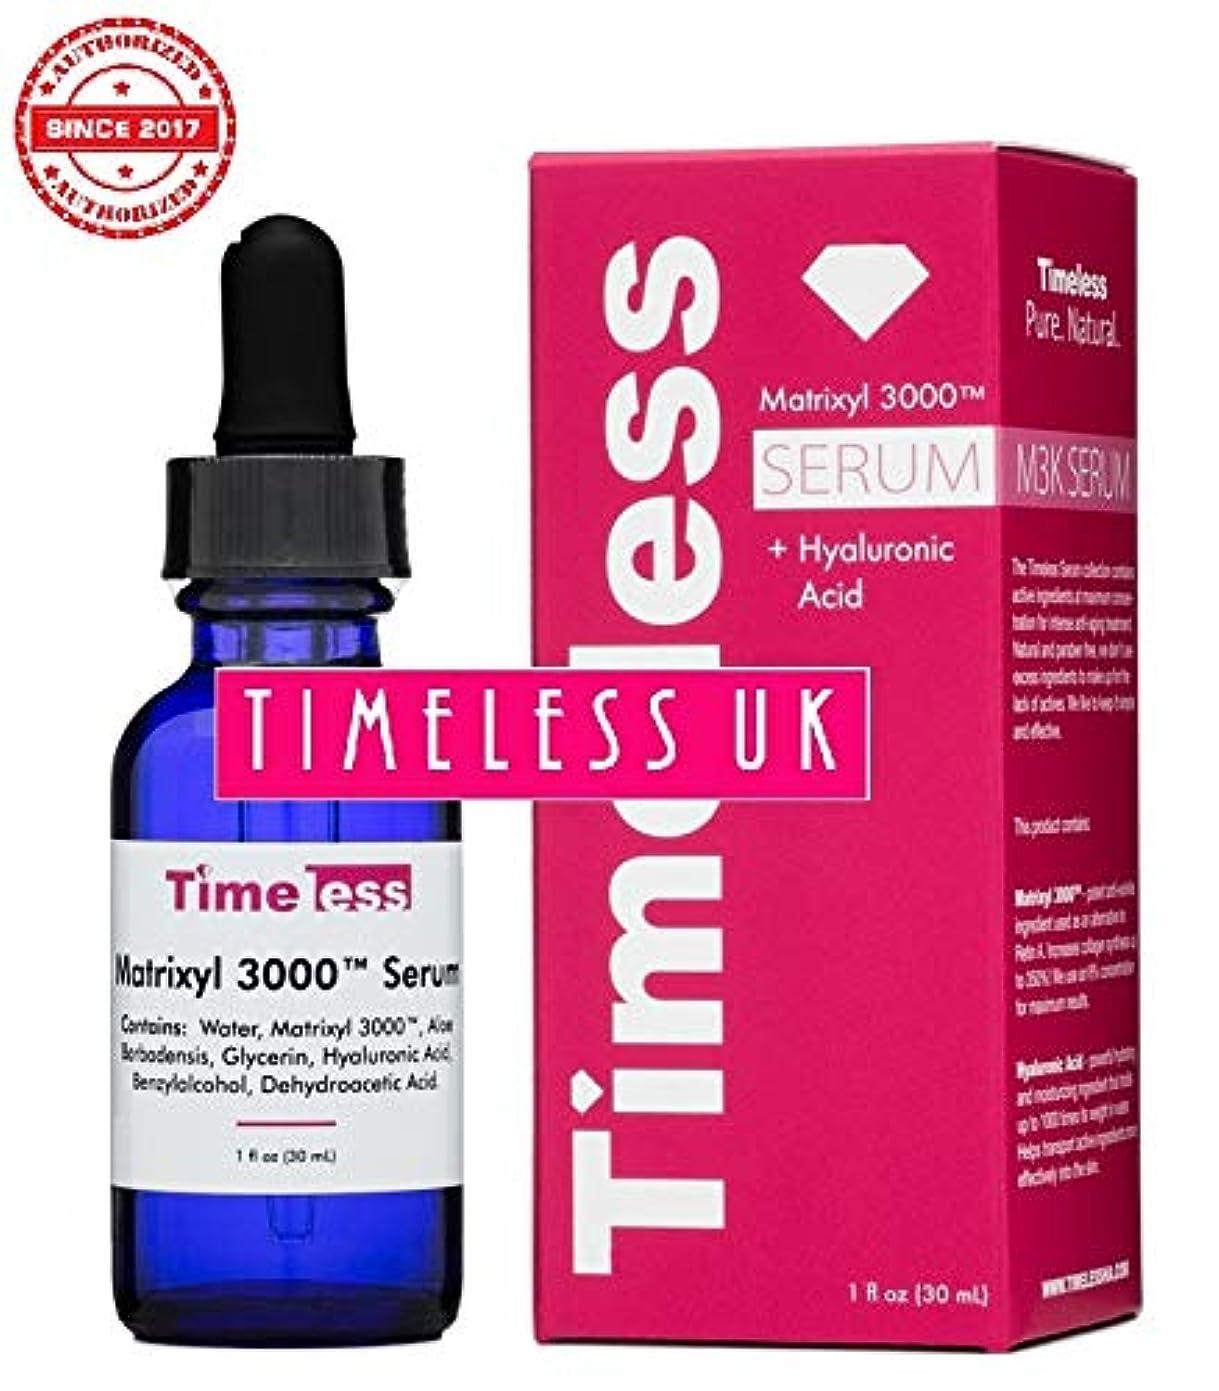 アイドル強調するマルクス主義Timeless Skincare マトリキシル 3000 セラム ヒアルロン酸 配合 30ml